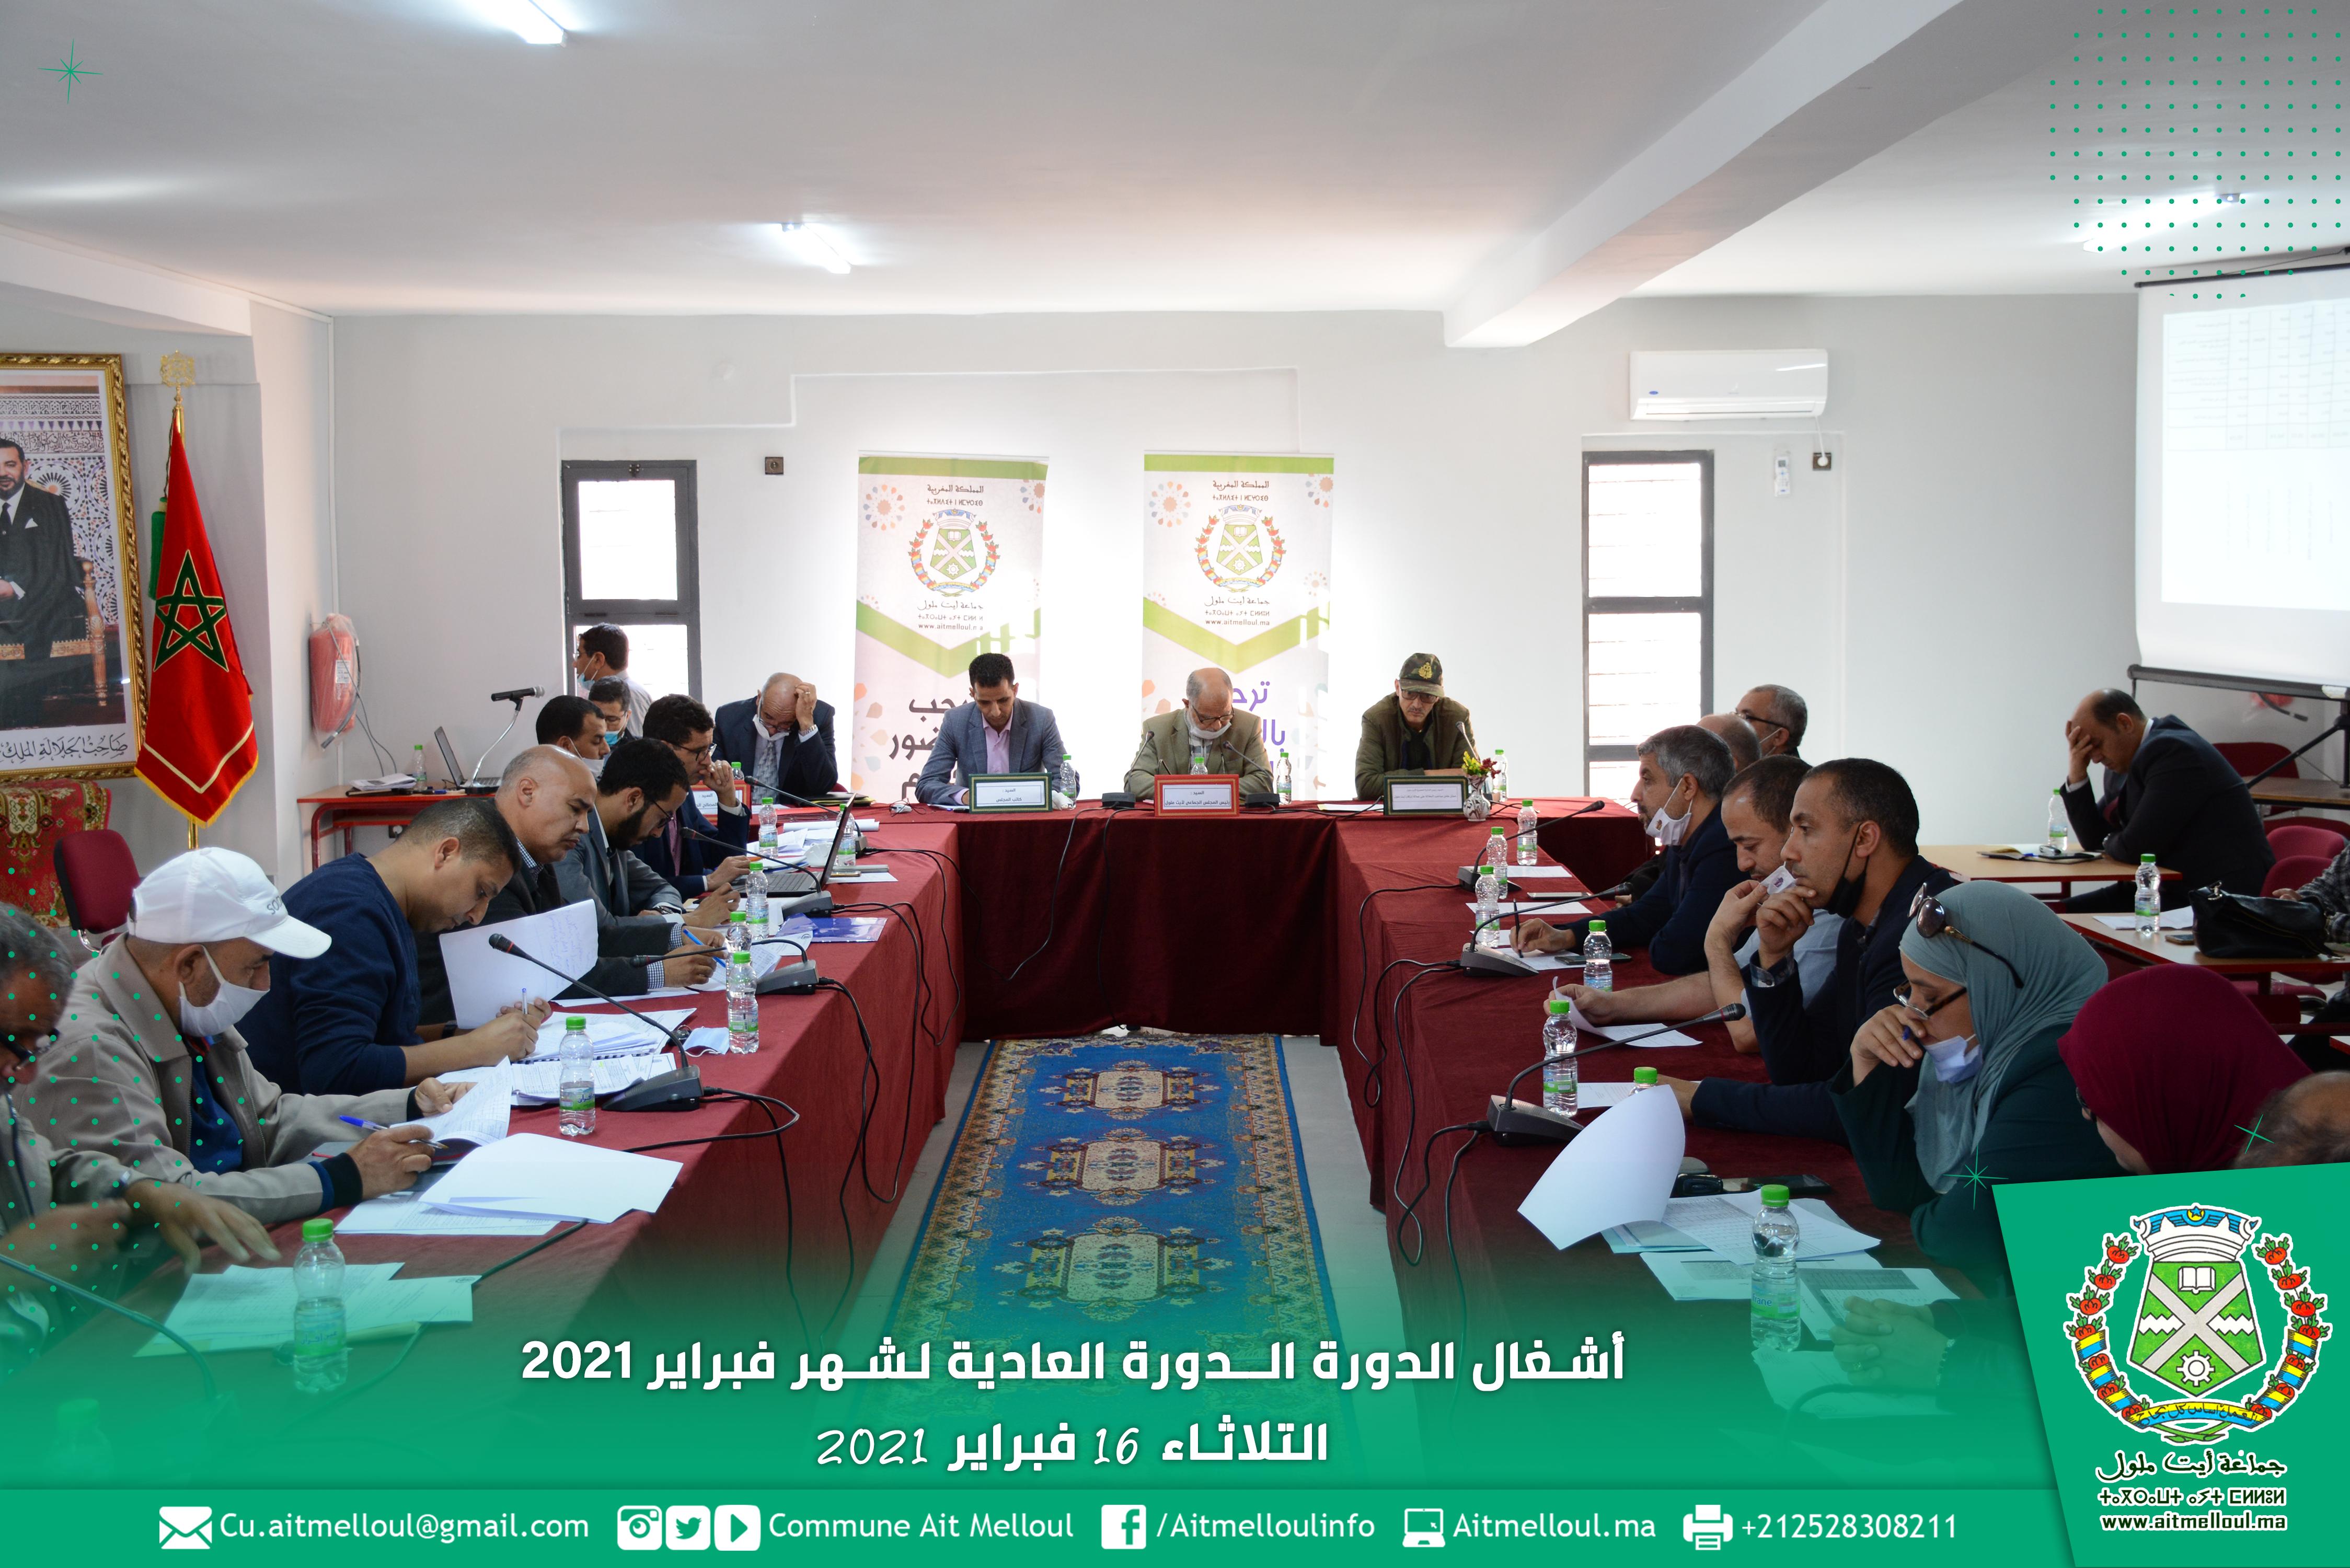 المجلس يعقد الجلسة الثانية لدورة فبراير 2021